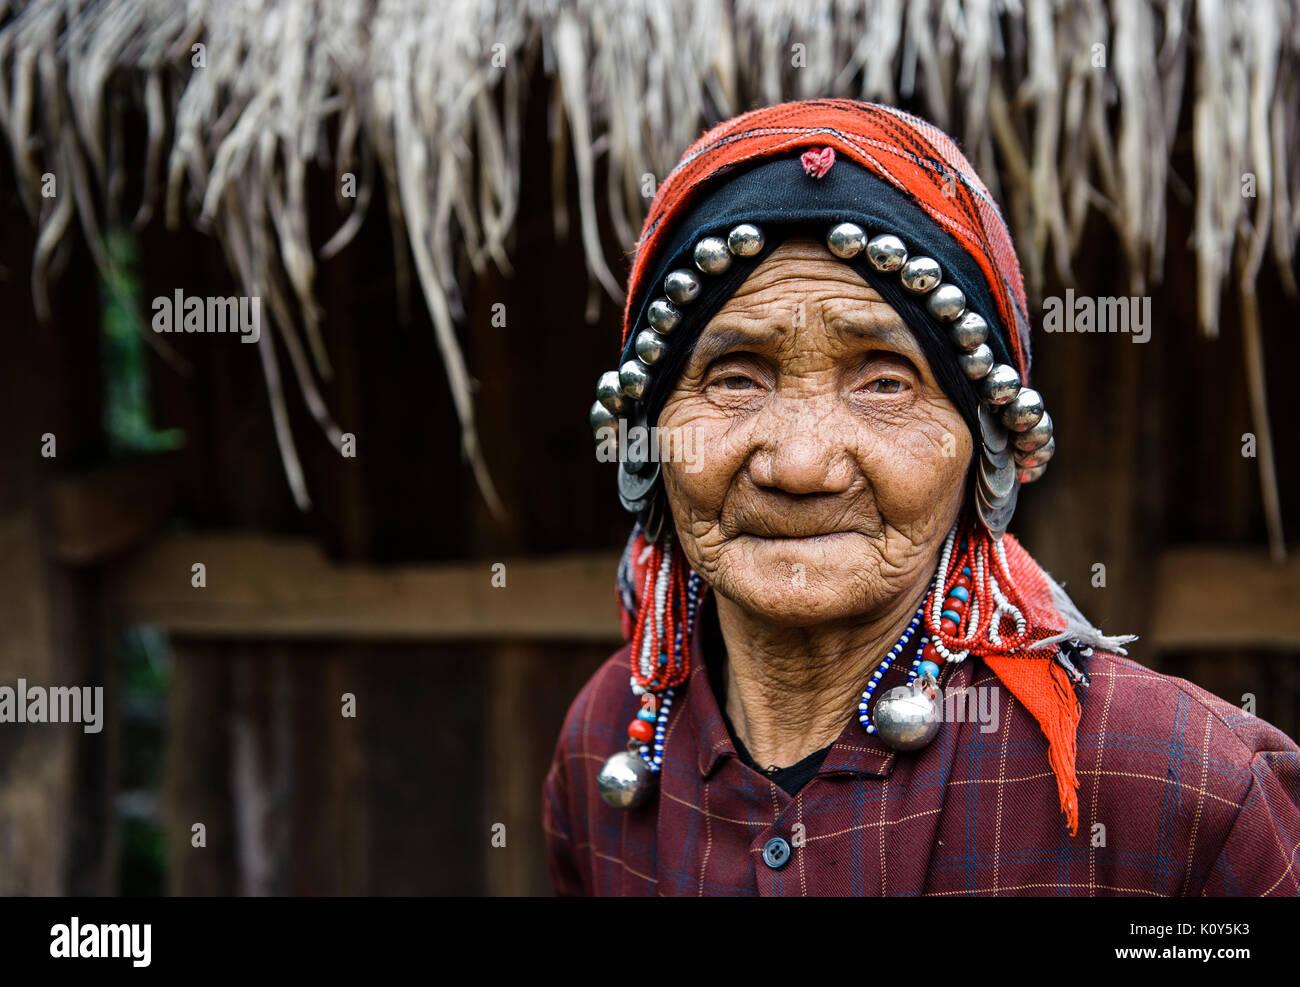 Akk-su minoranza etnica donna. Yunnan meridionale, Cina Immagini Stock